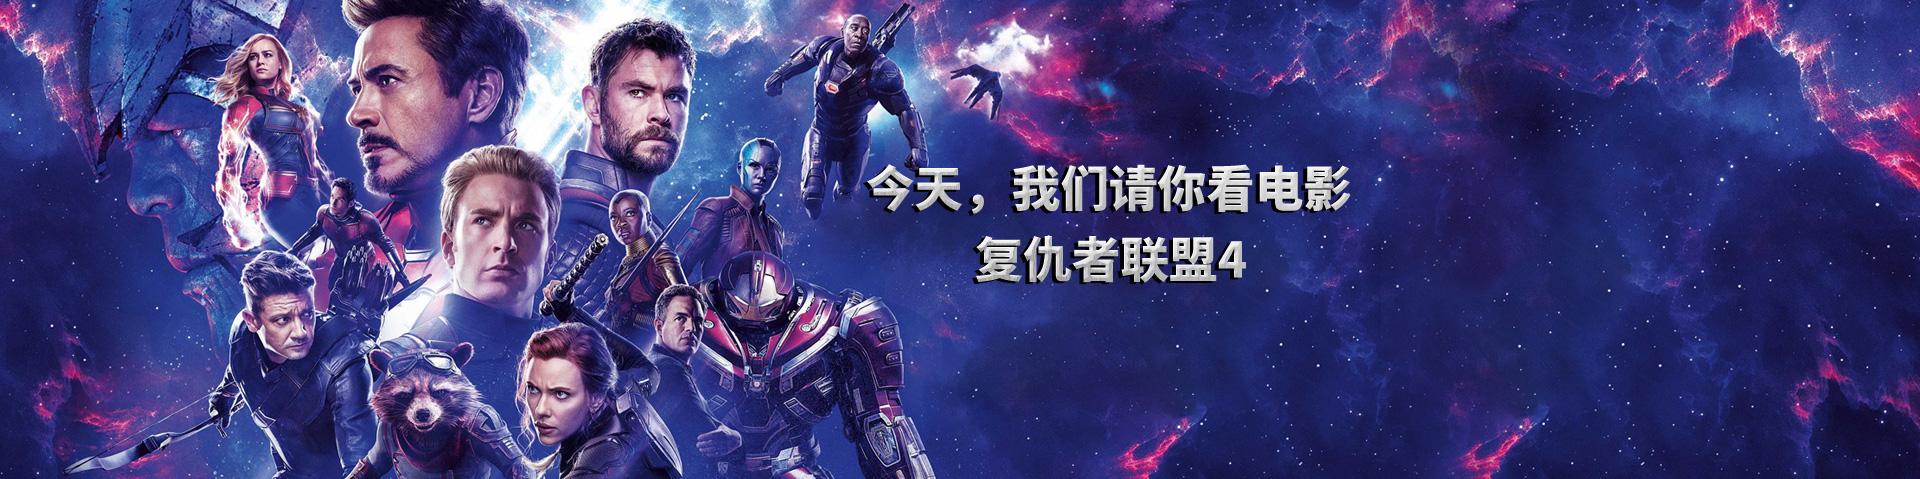 复仇者联盟4:终局之战 HDTC国语版